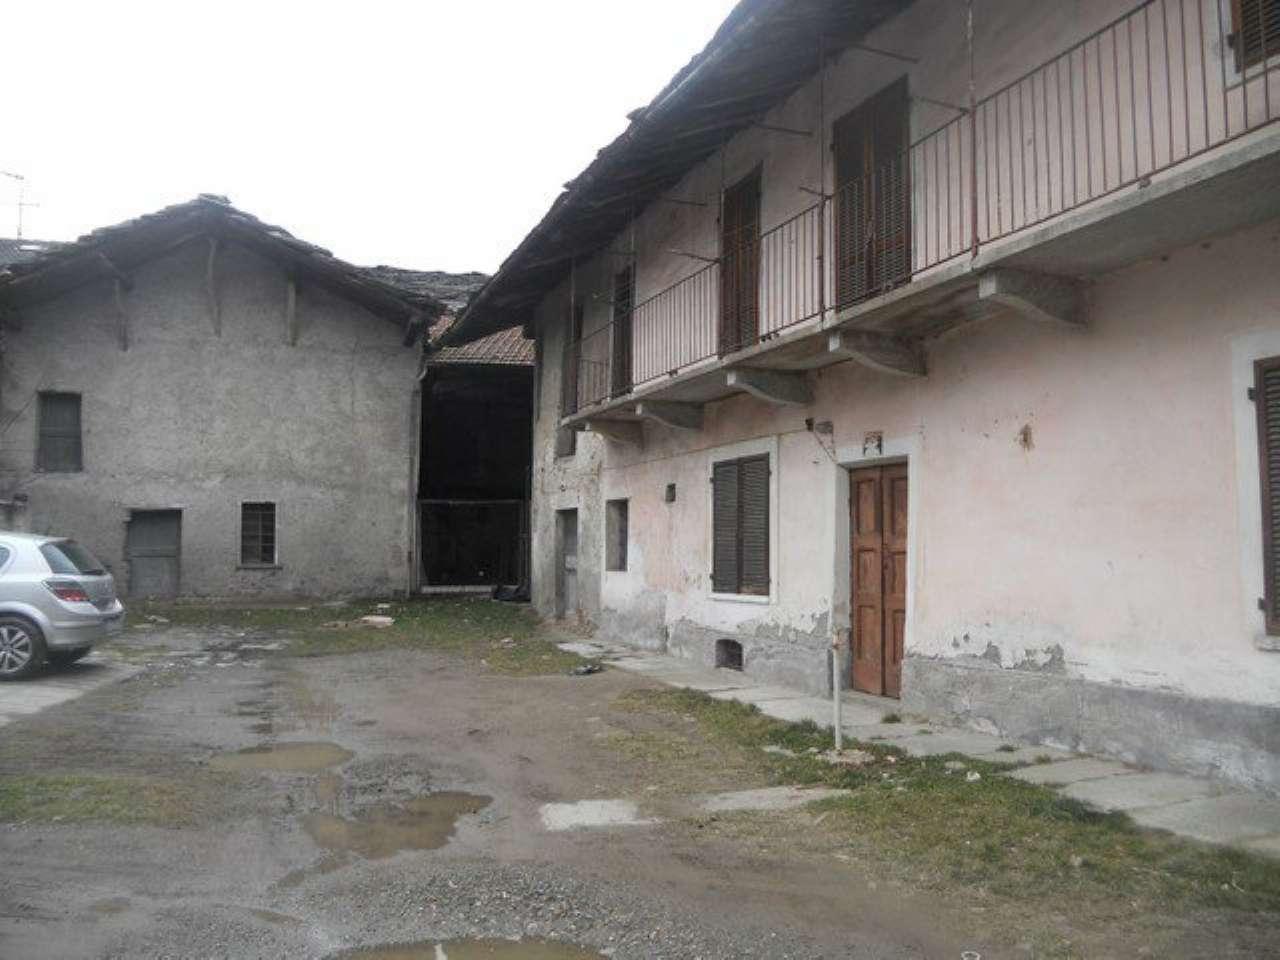 Rustico / Casale in vendita a San Giorio di Susa, 10 locali, prezzo € 39.000 | PortaleAgenzieImmobiliari.it